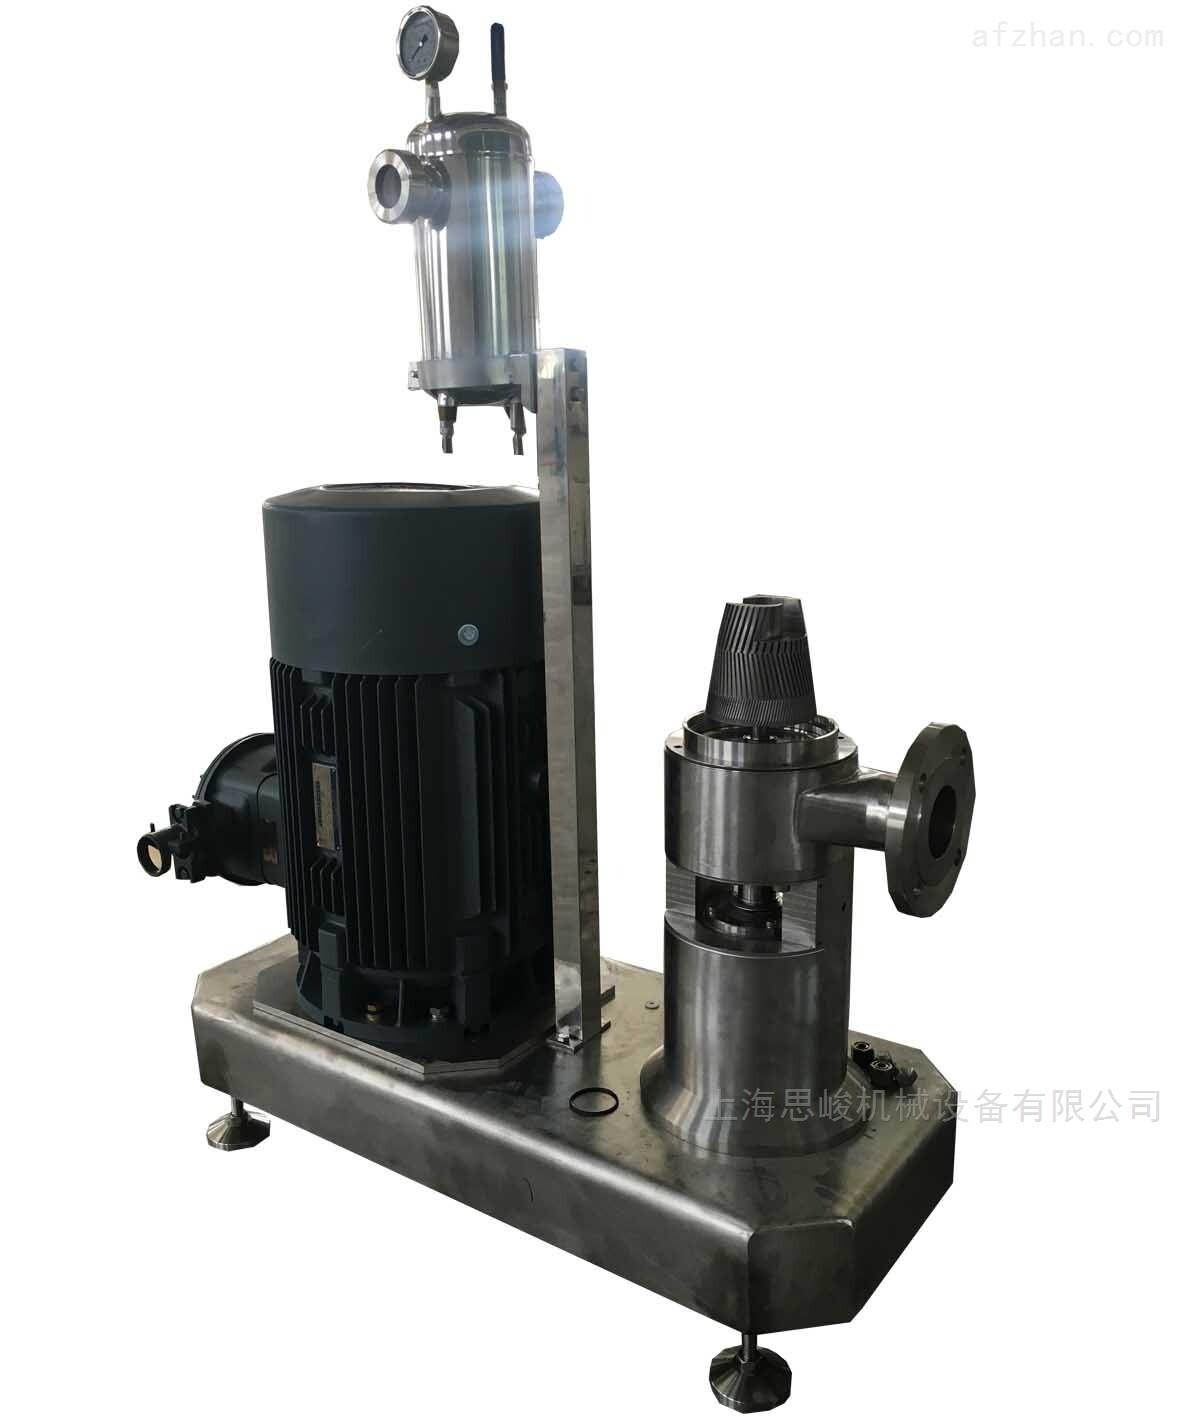 石蜡成套高速乳化机